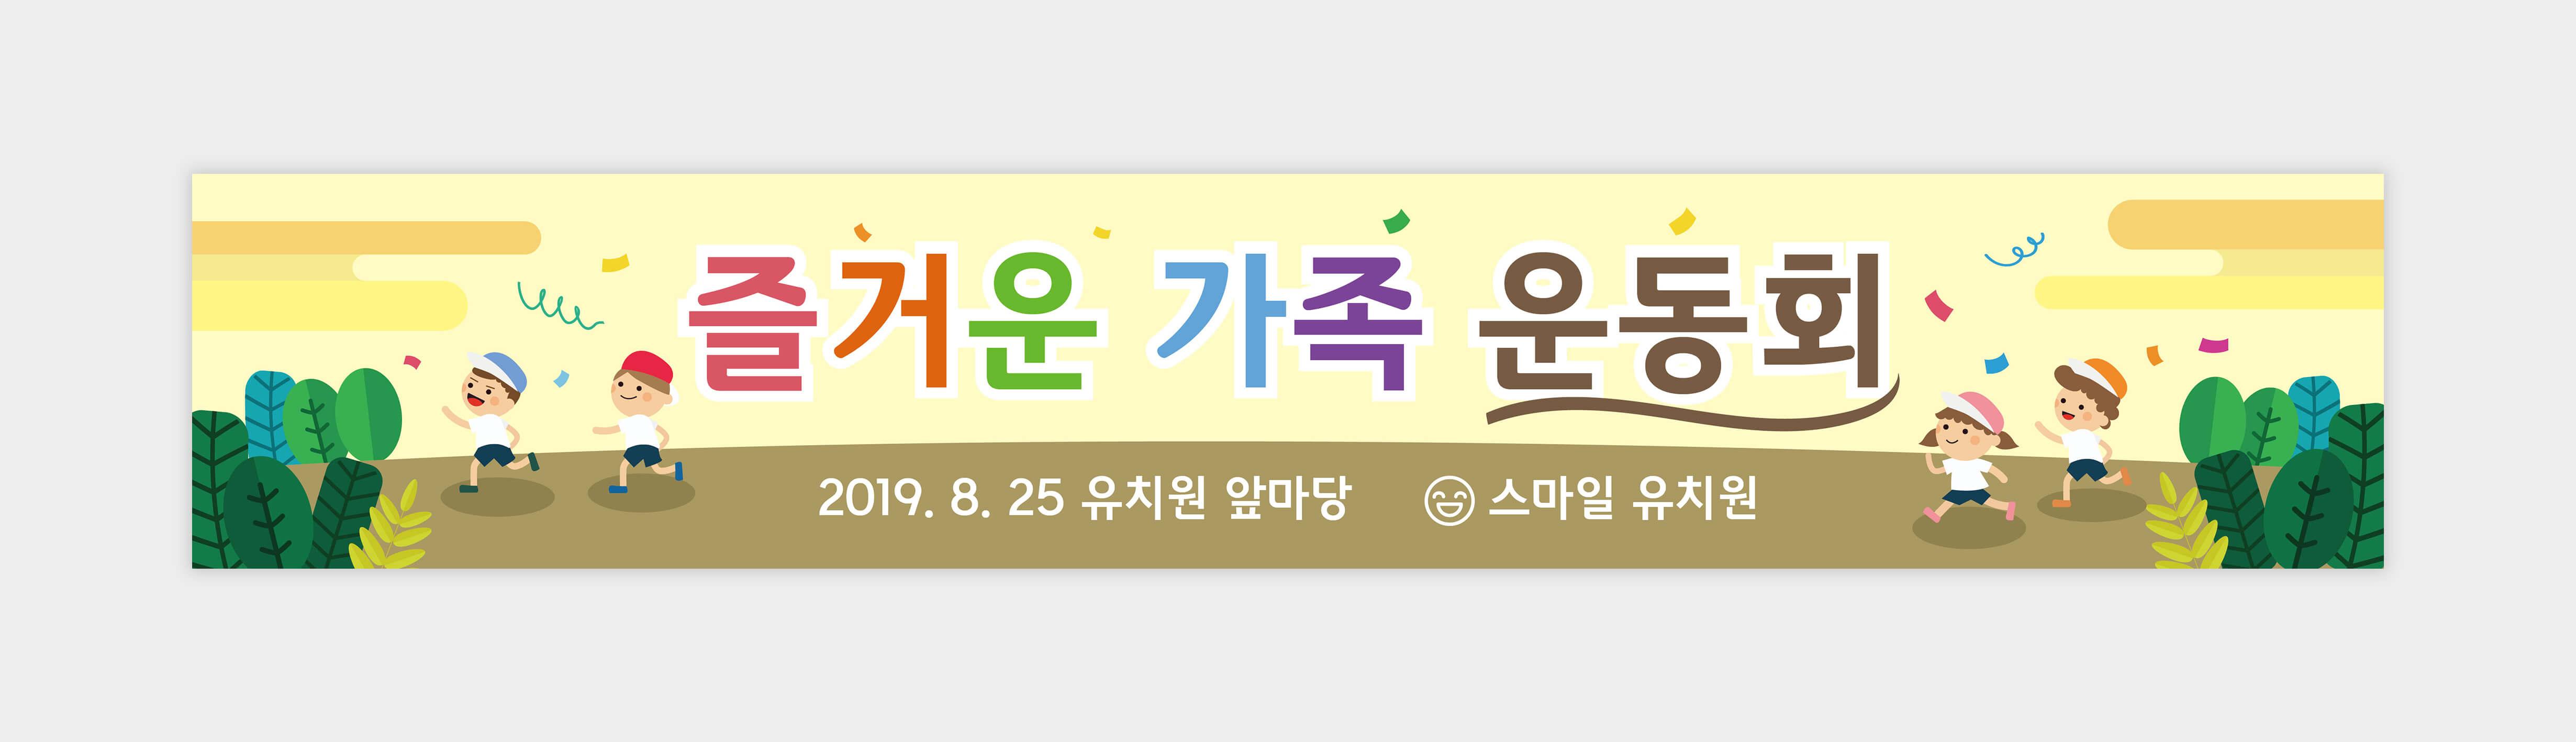 현수막_104